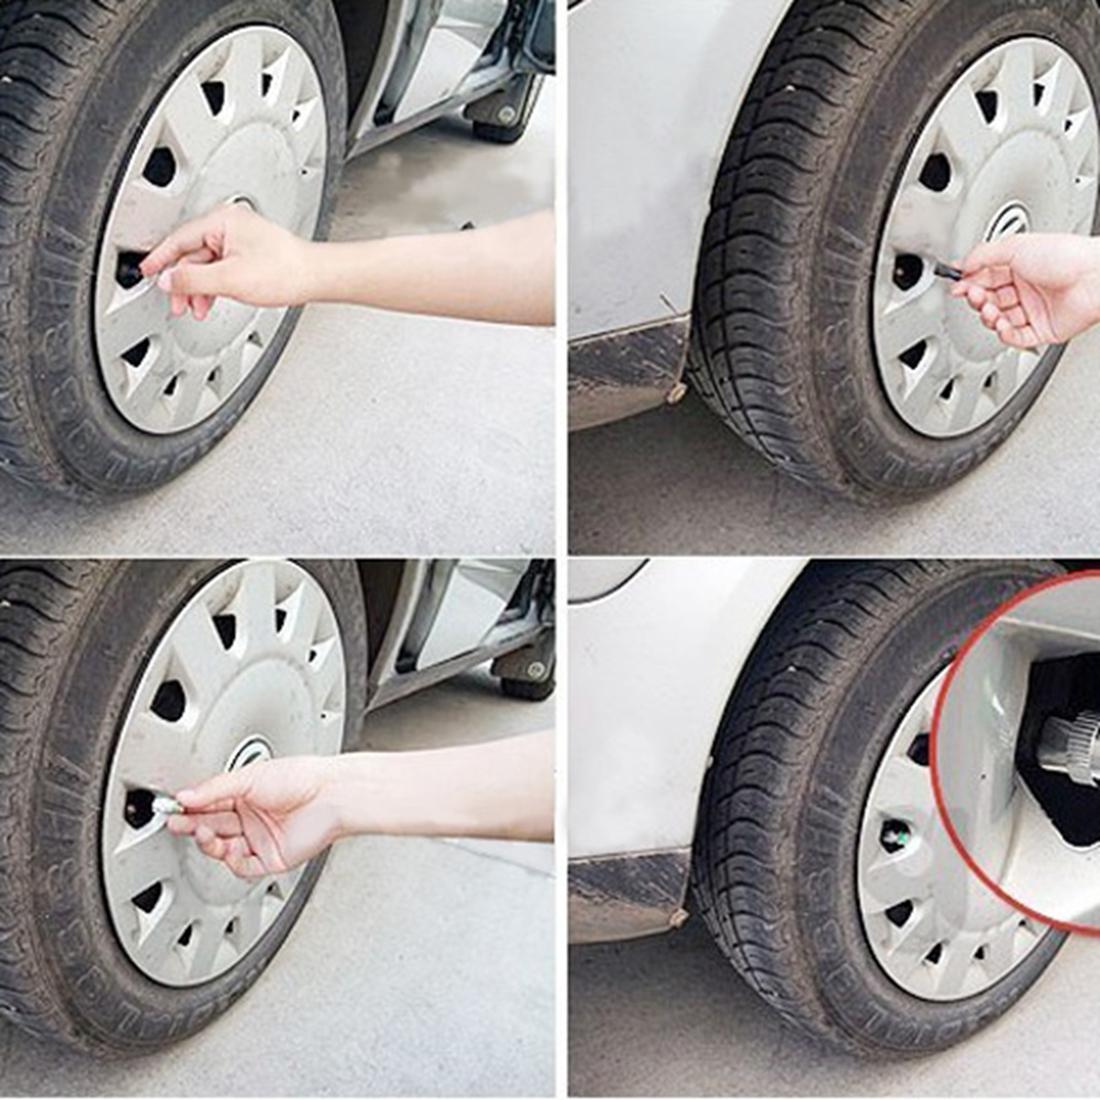 4 Auto Car Tire Type Air Pressure Alert Indicator Valve